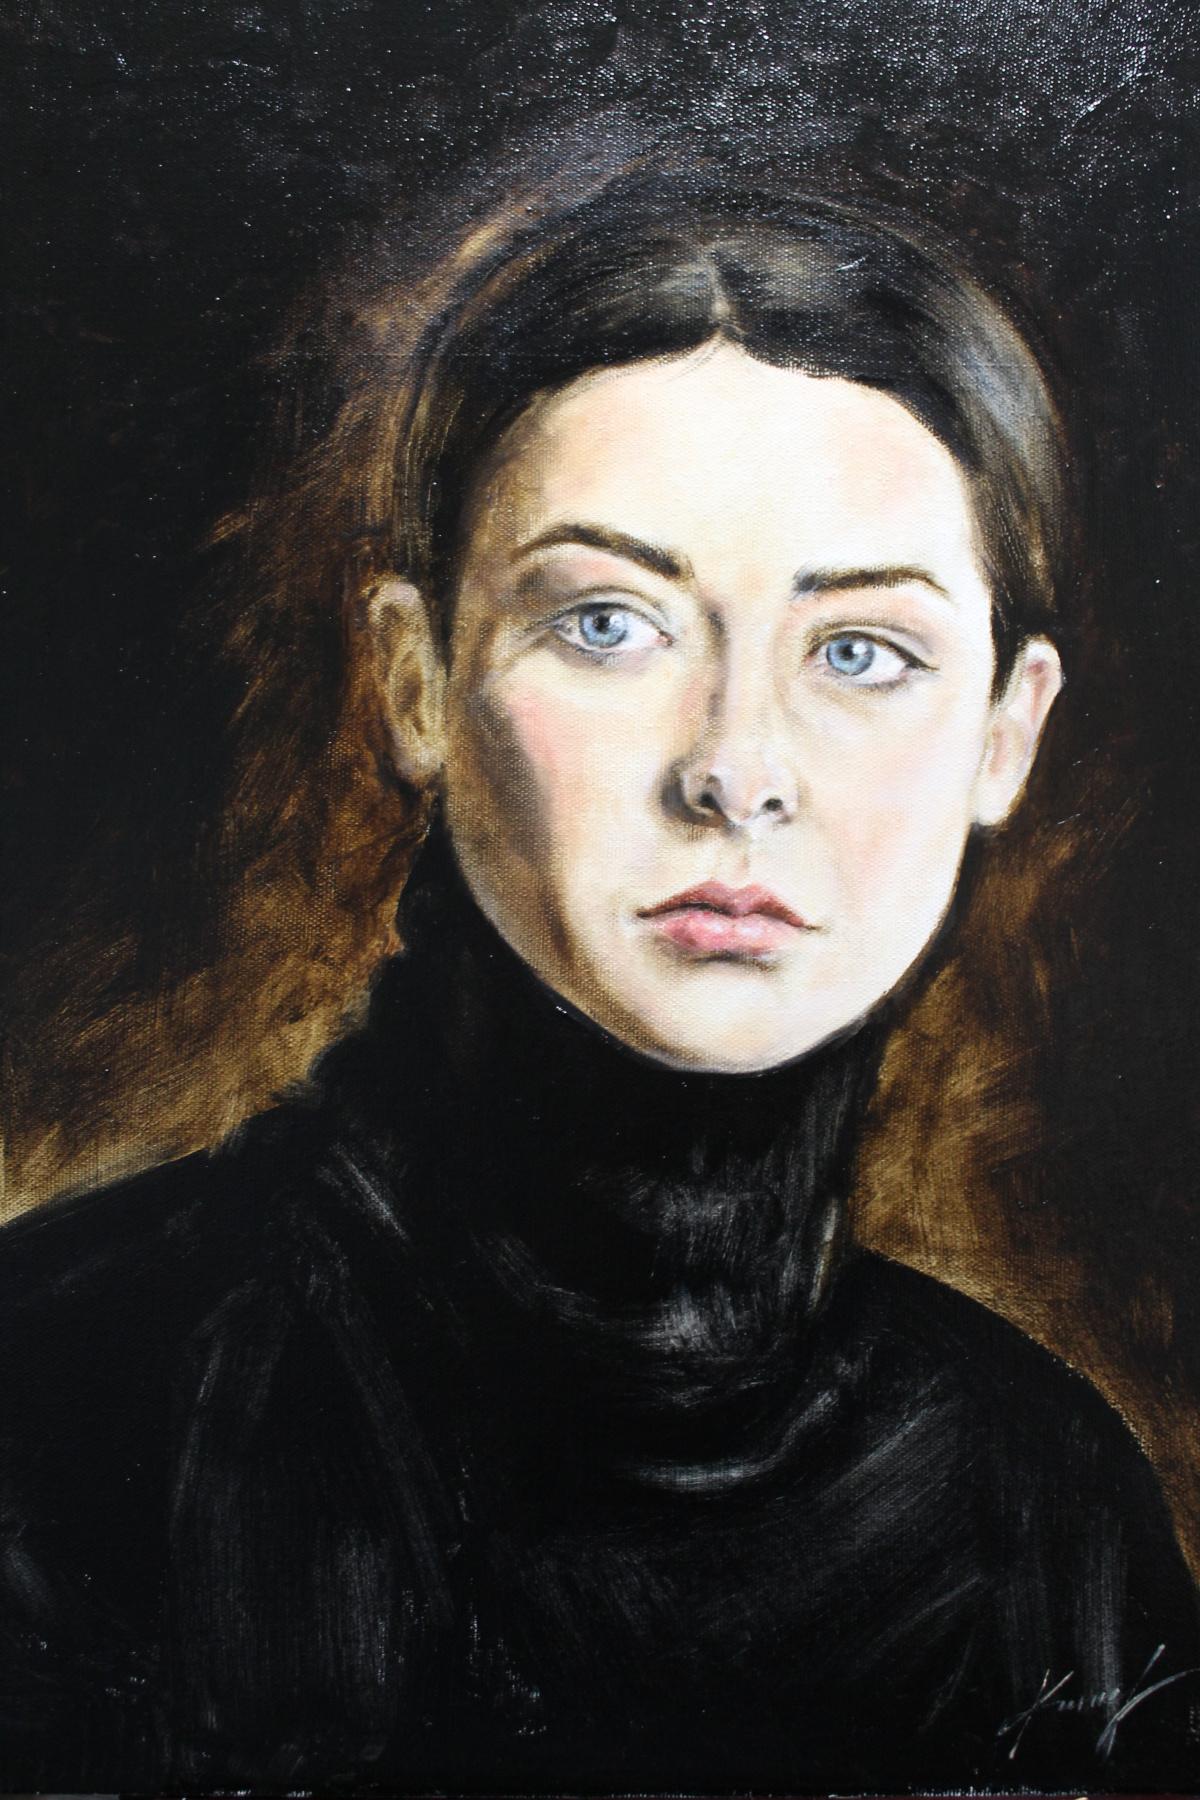 Катерина Николаевна Сорокина. Marina Alexandrova